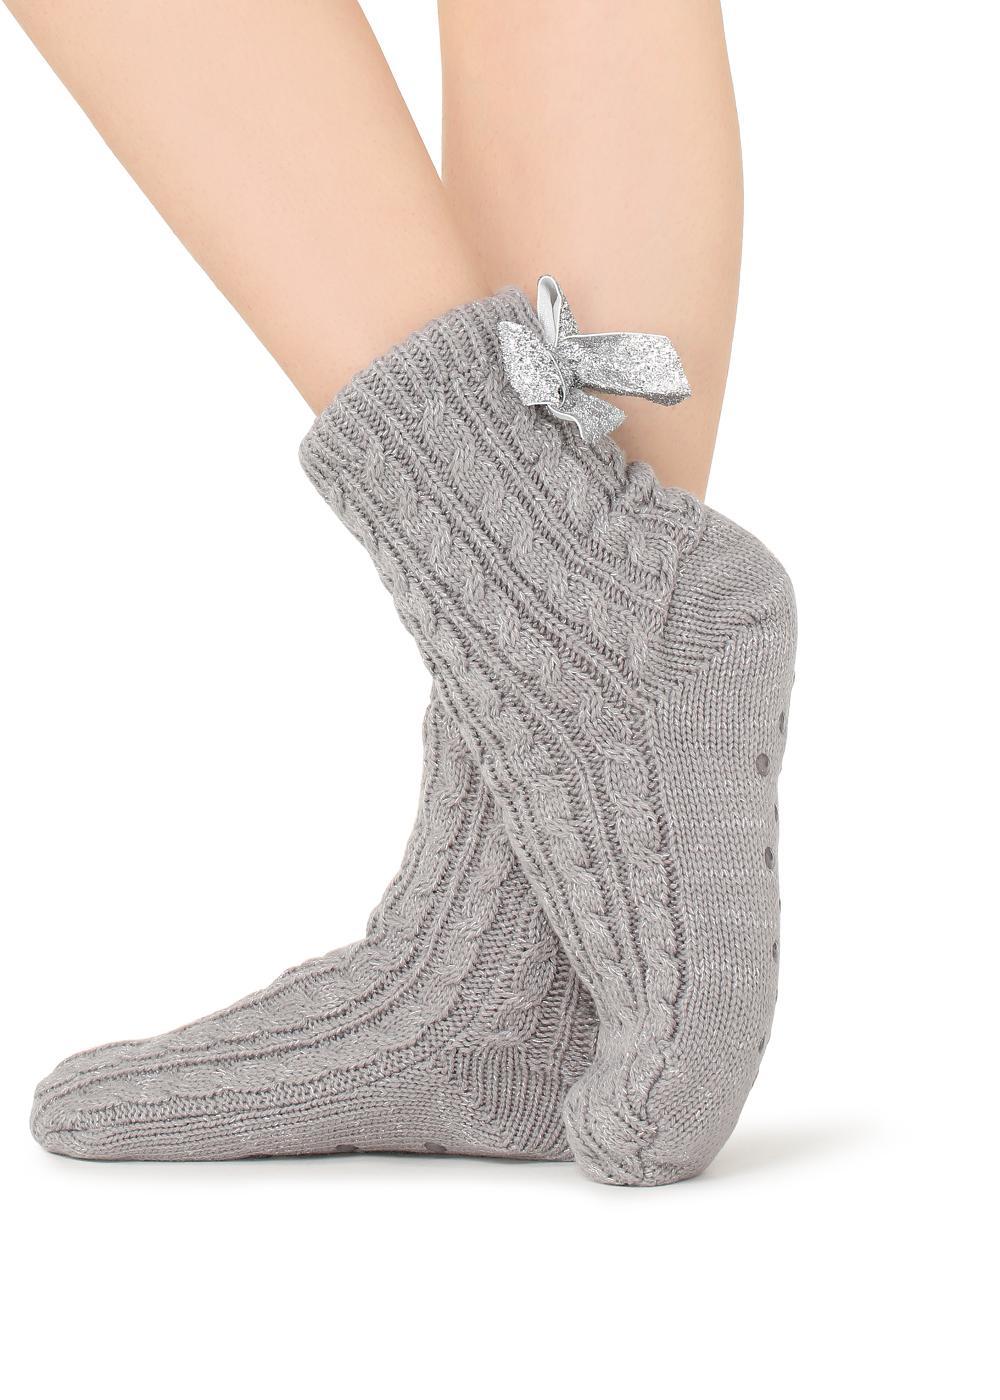 meilleur authentique a00a7 921e7 Chaussettes antidérapantes pour femme - Calzedonia